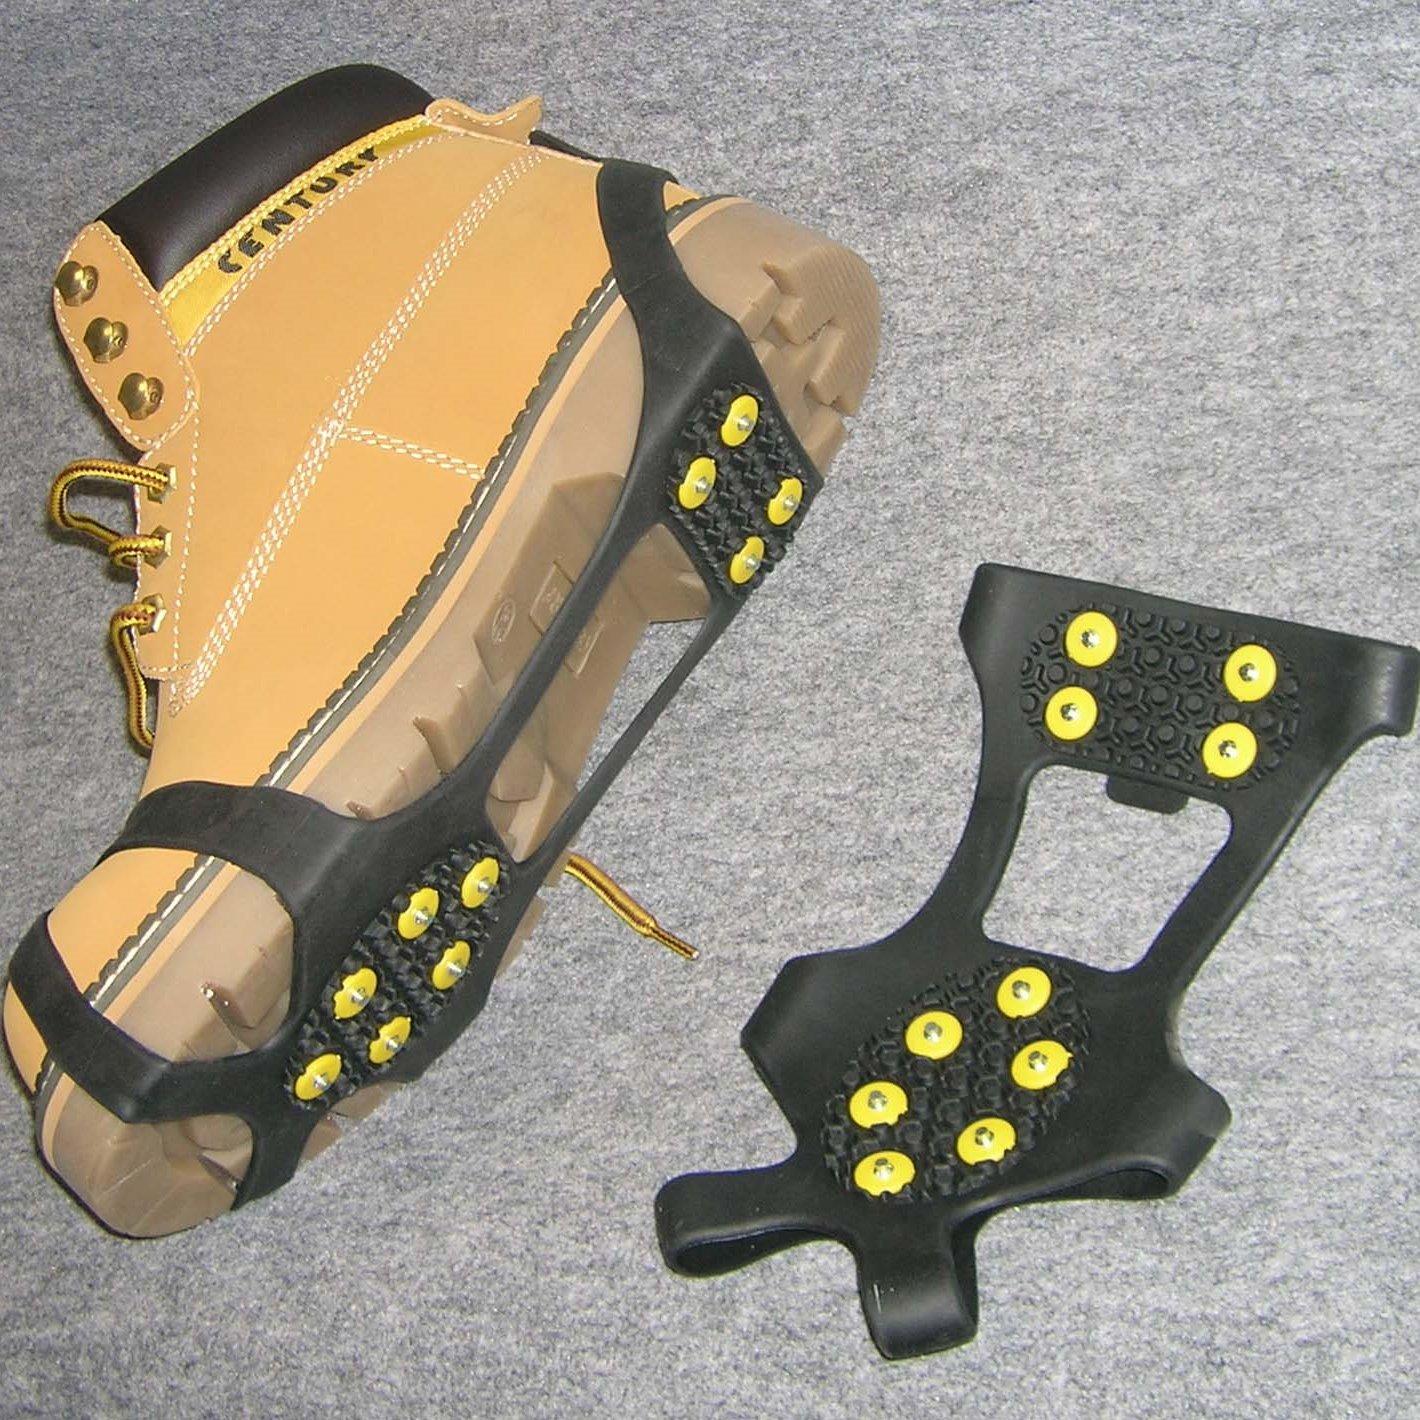 Приспособление против скольжения обуви своими руками